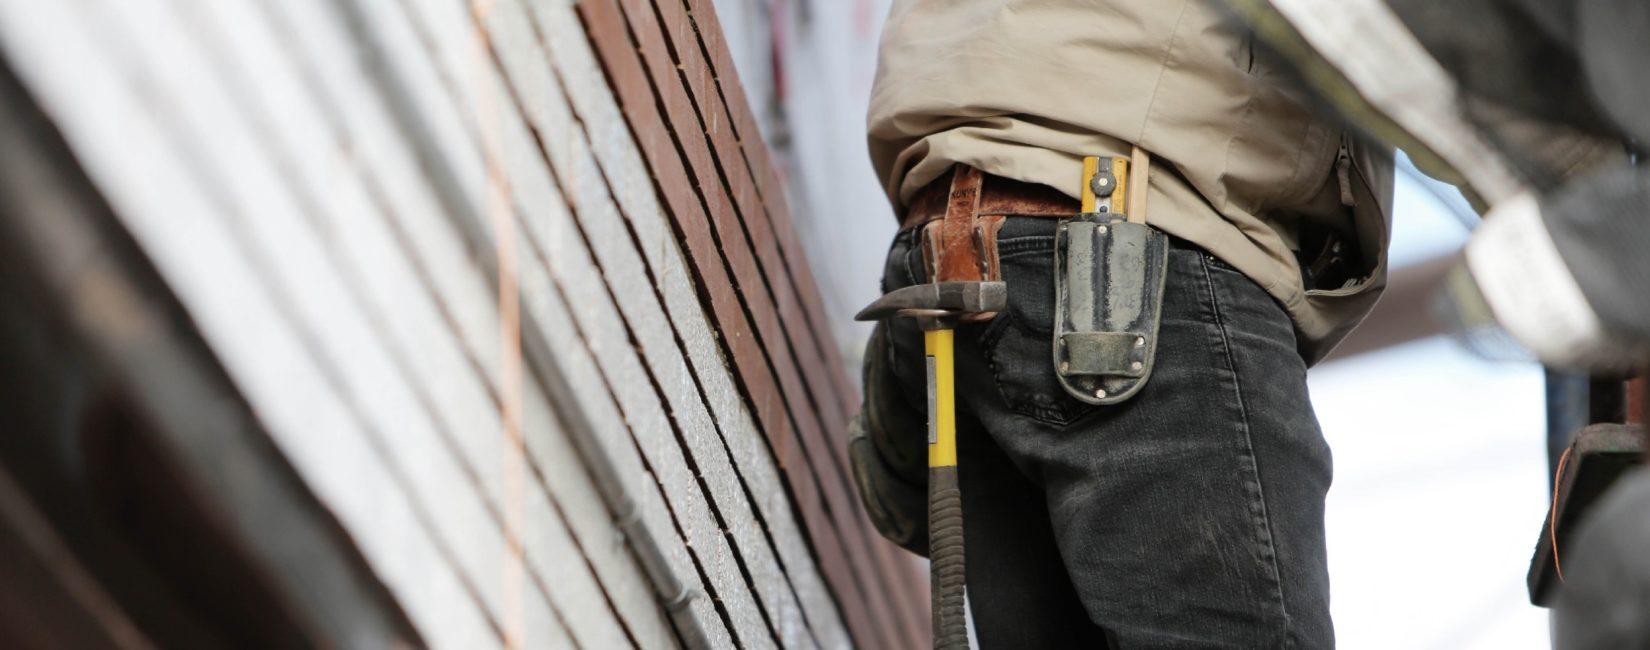 Contractor Website Design/ Marketing